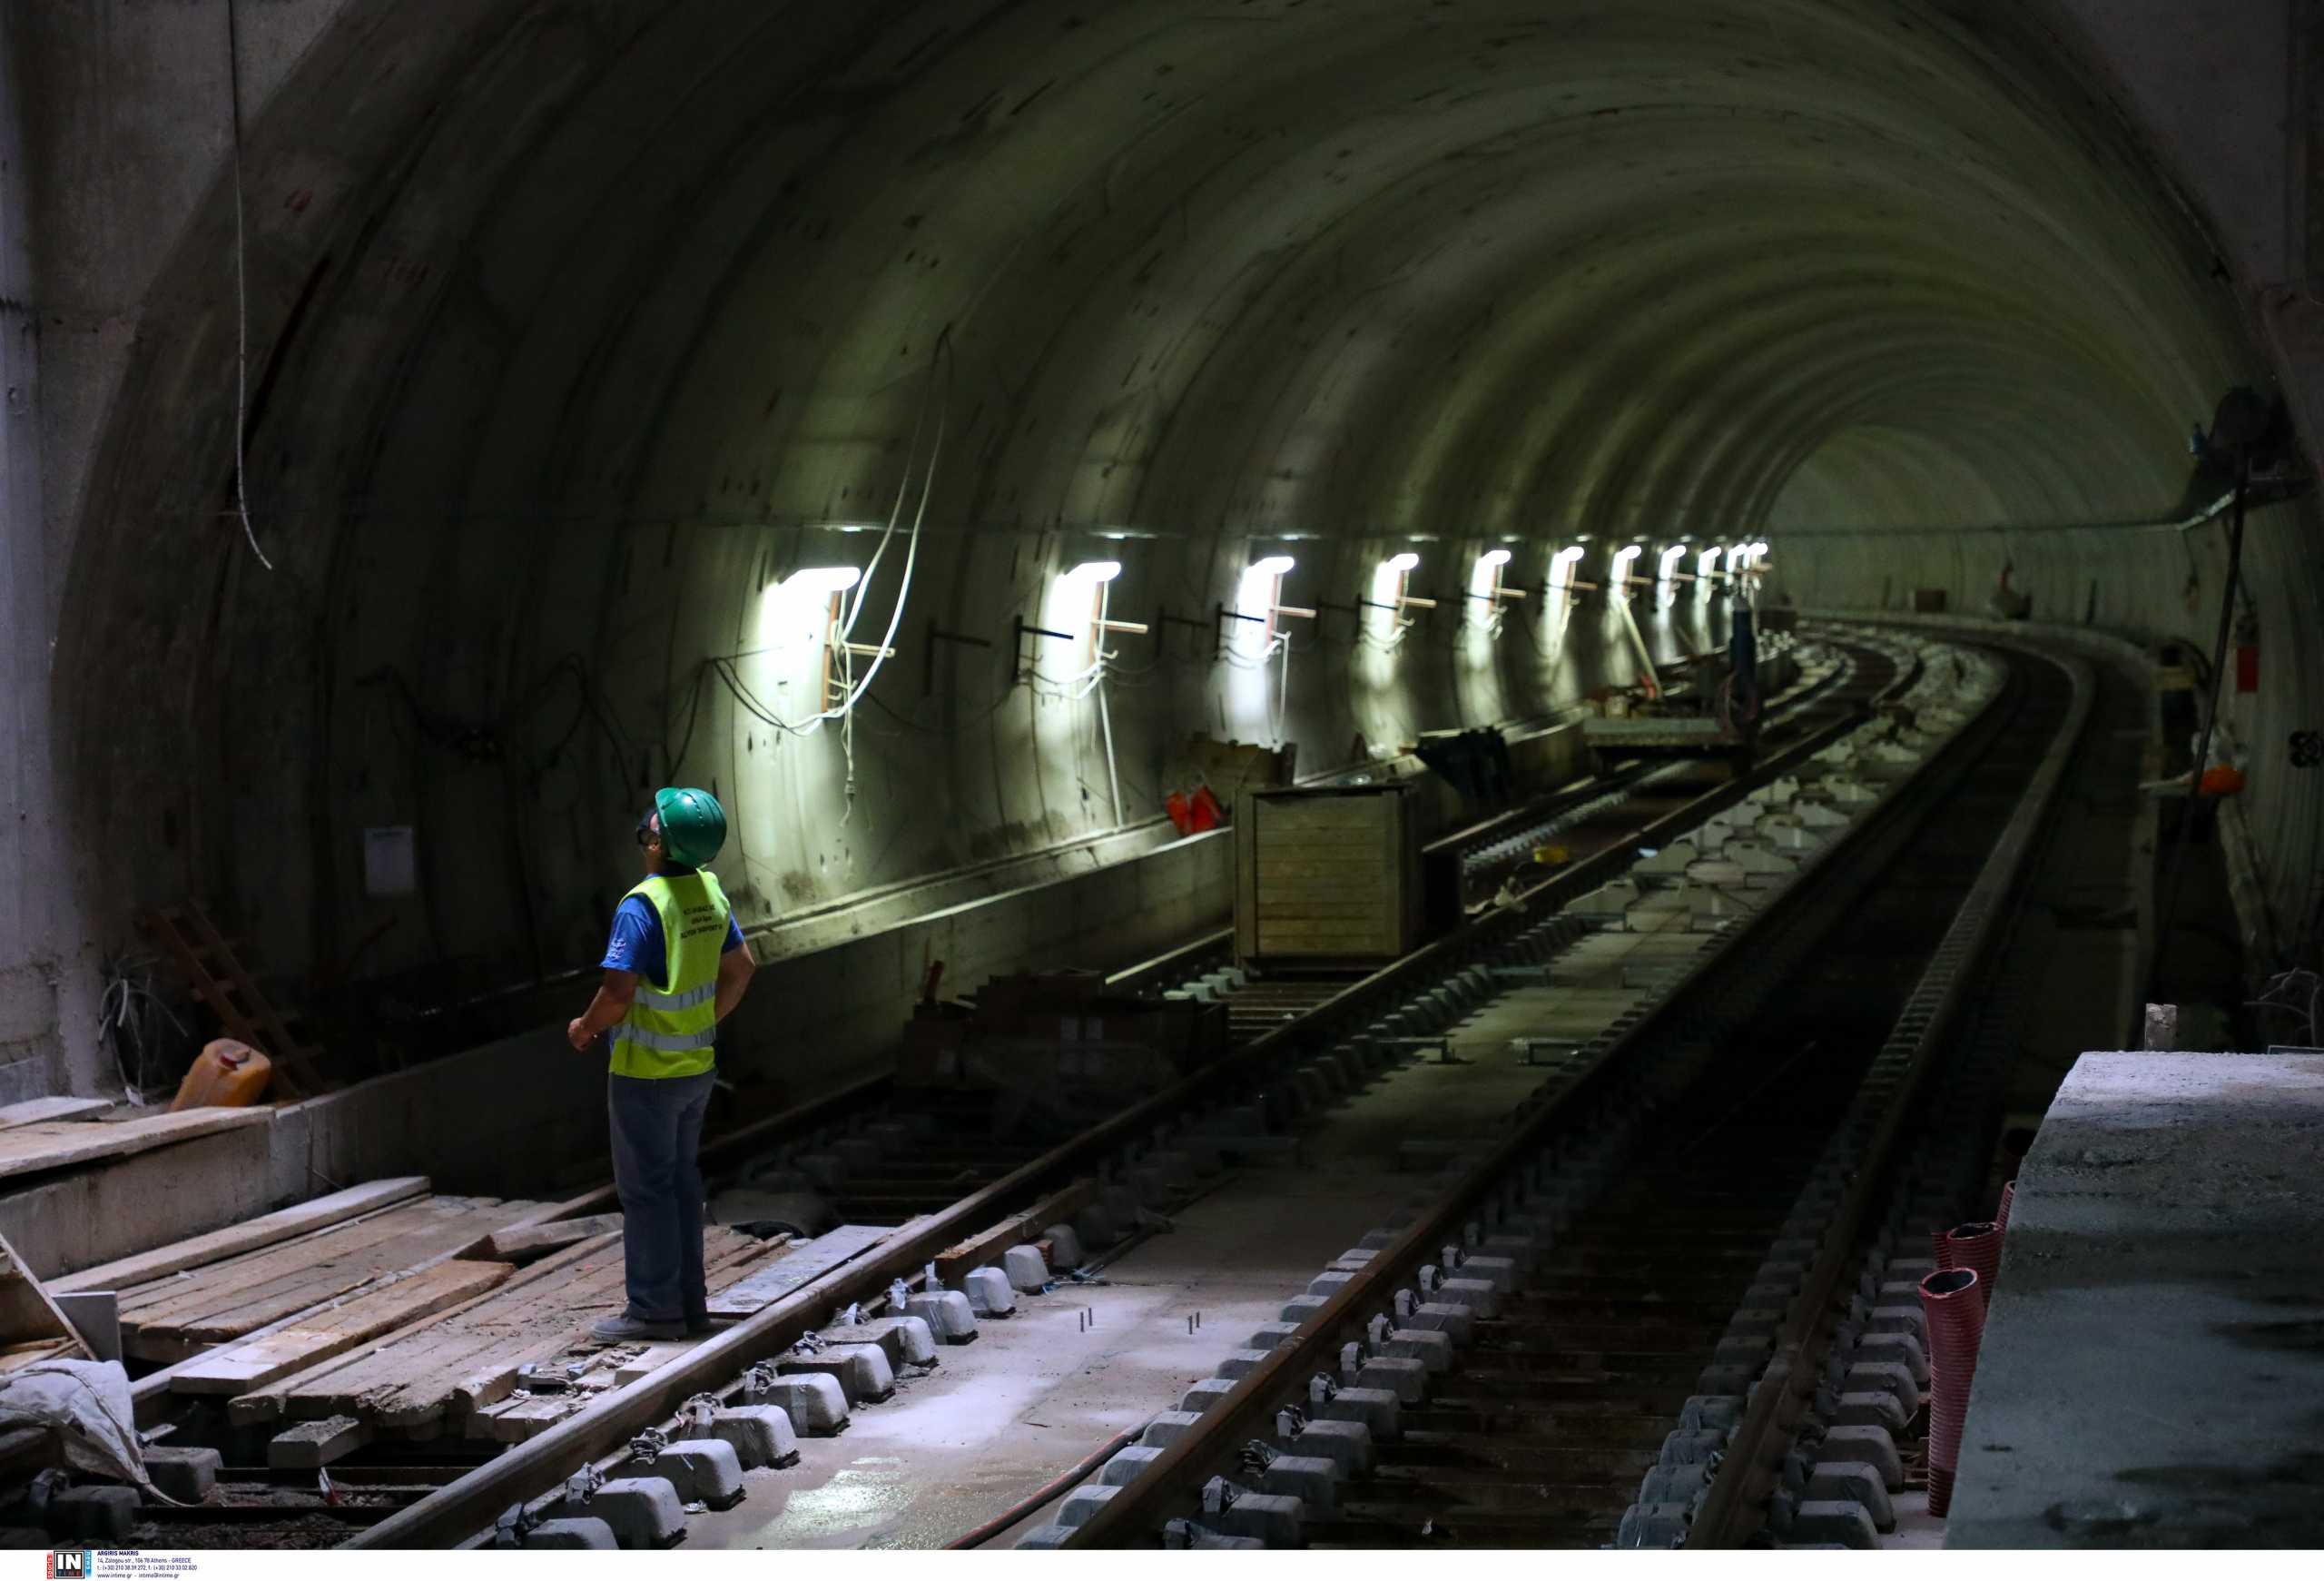 Το Μετρό επεκτείνεται προς Γλυφάδα, Καλλιθέα, Ίλιον, Πετρούπολη και Εθνική Οδό